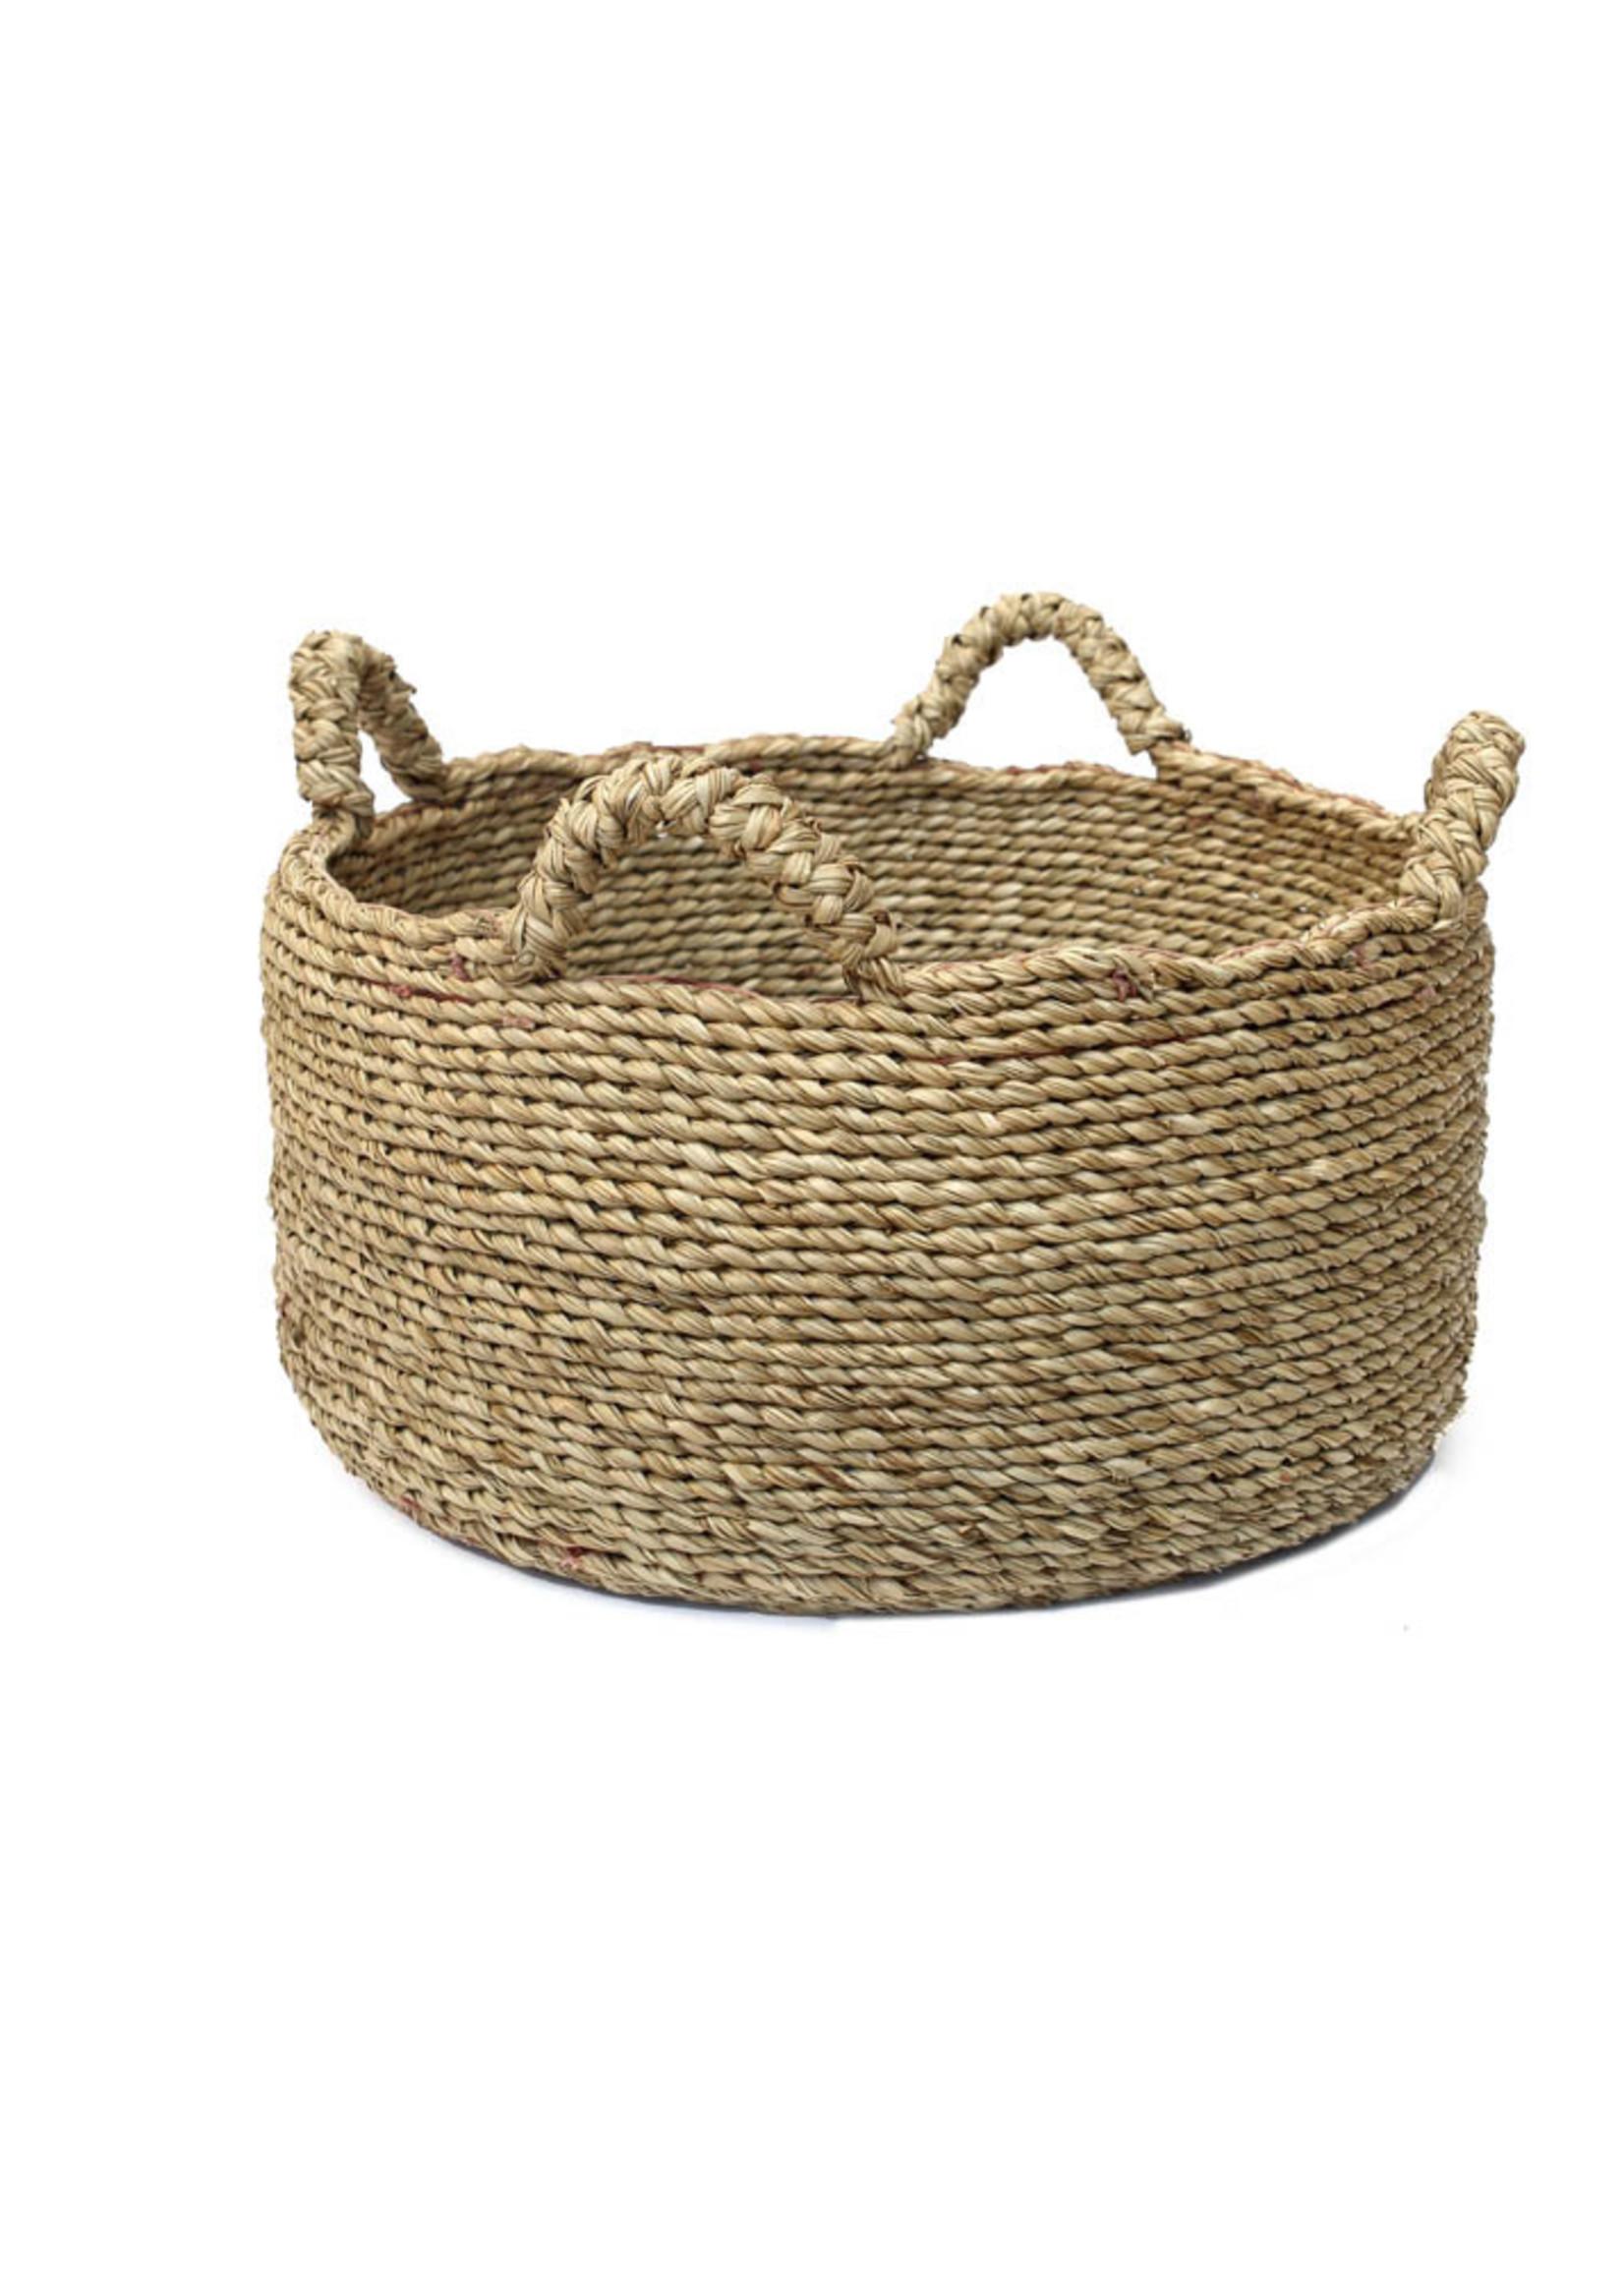 Les Quatre Mains Baskets - Natural - S